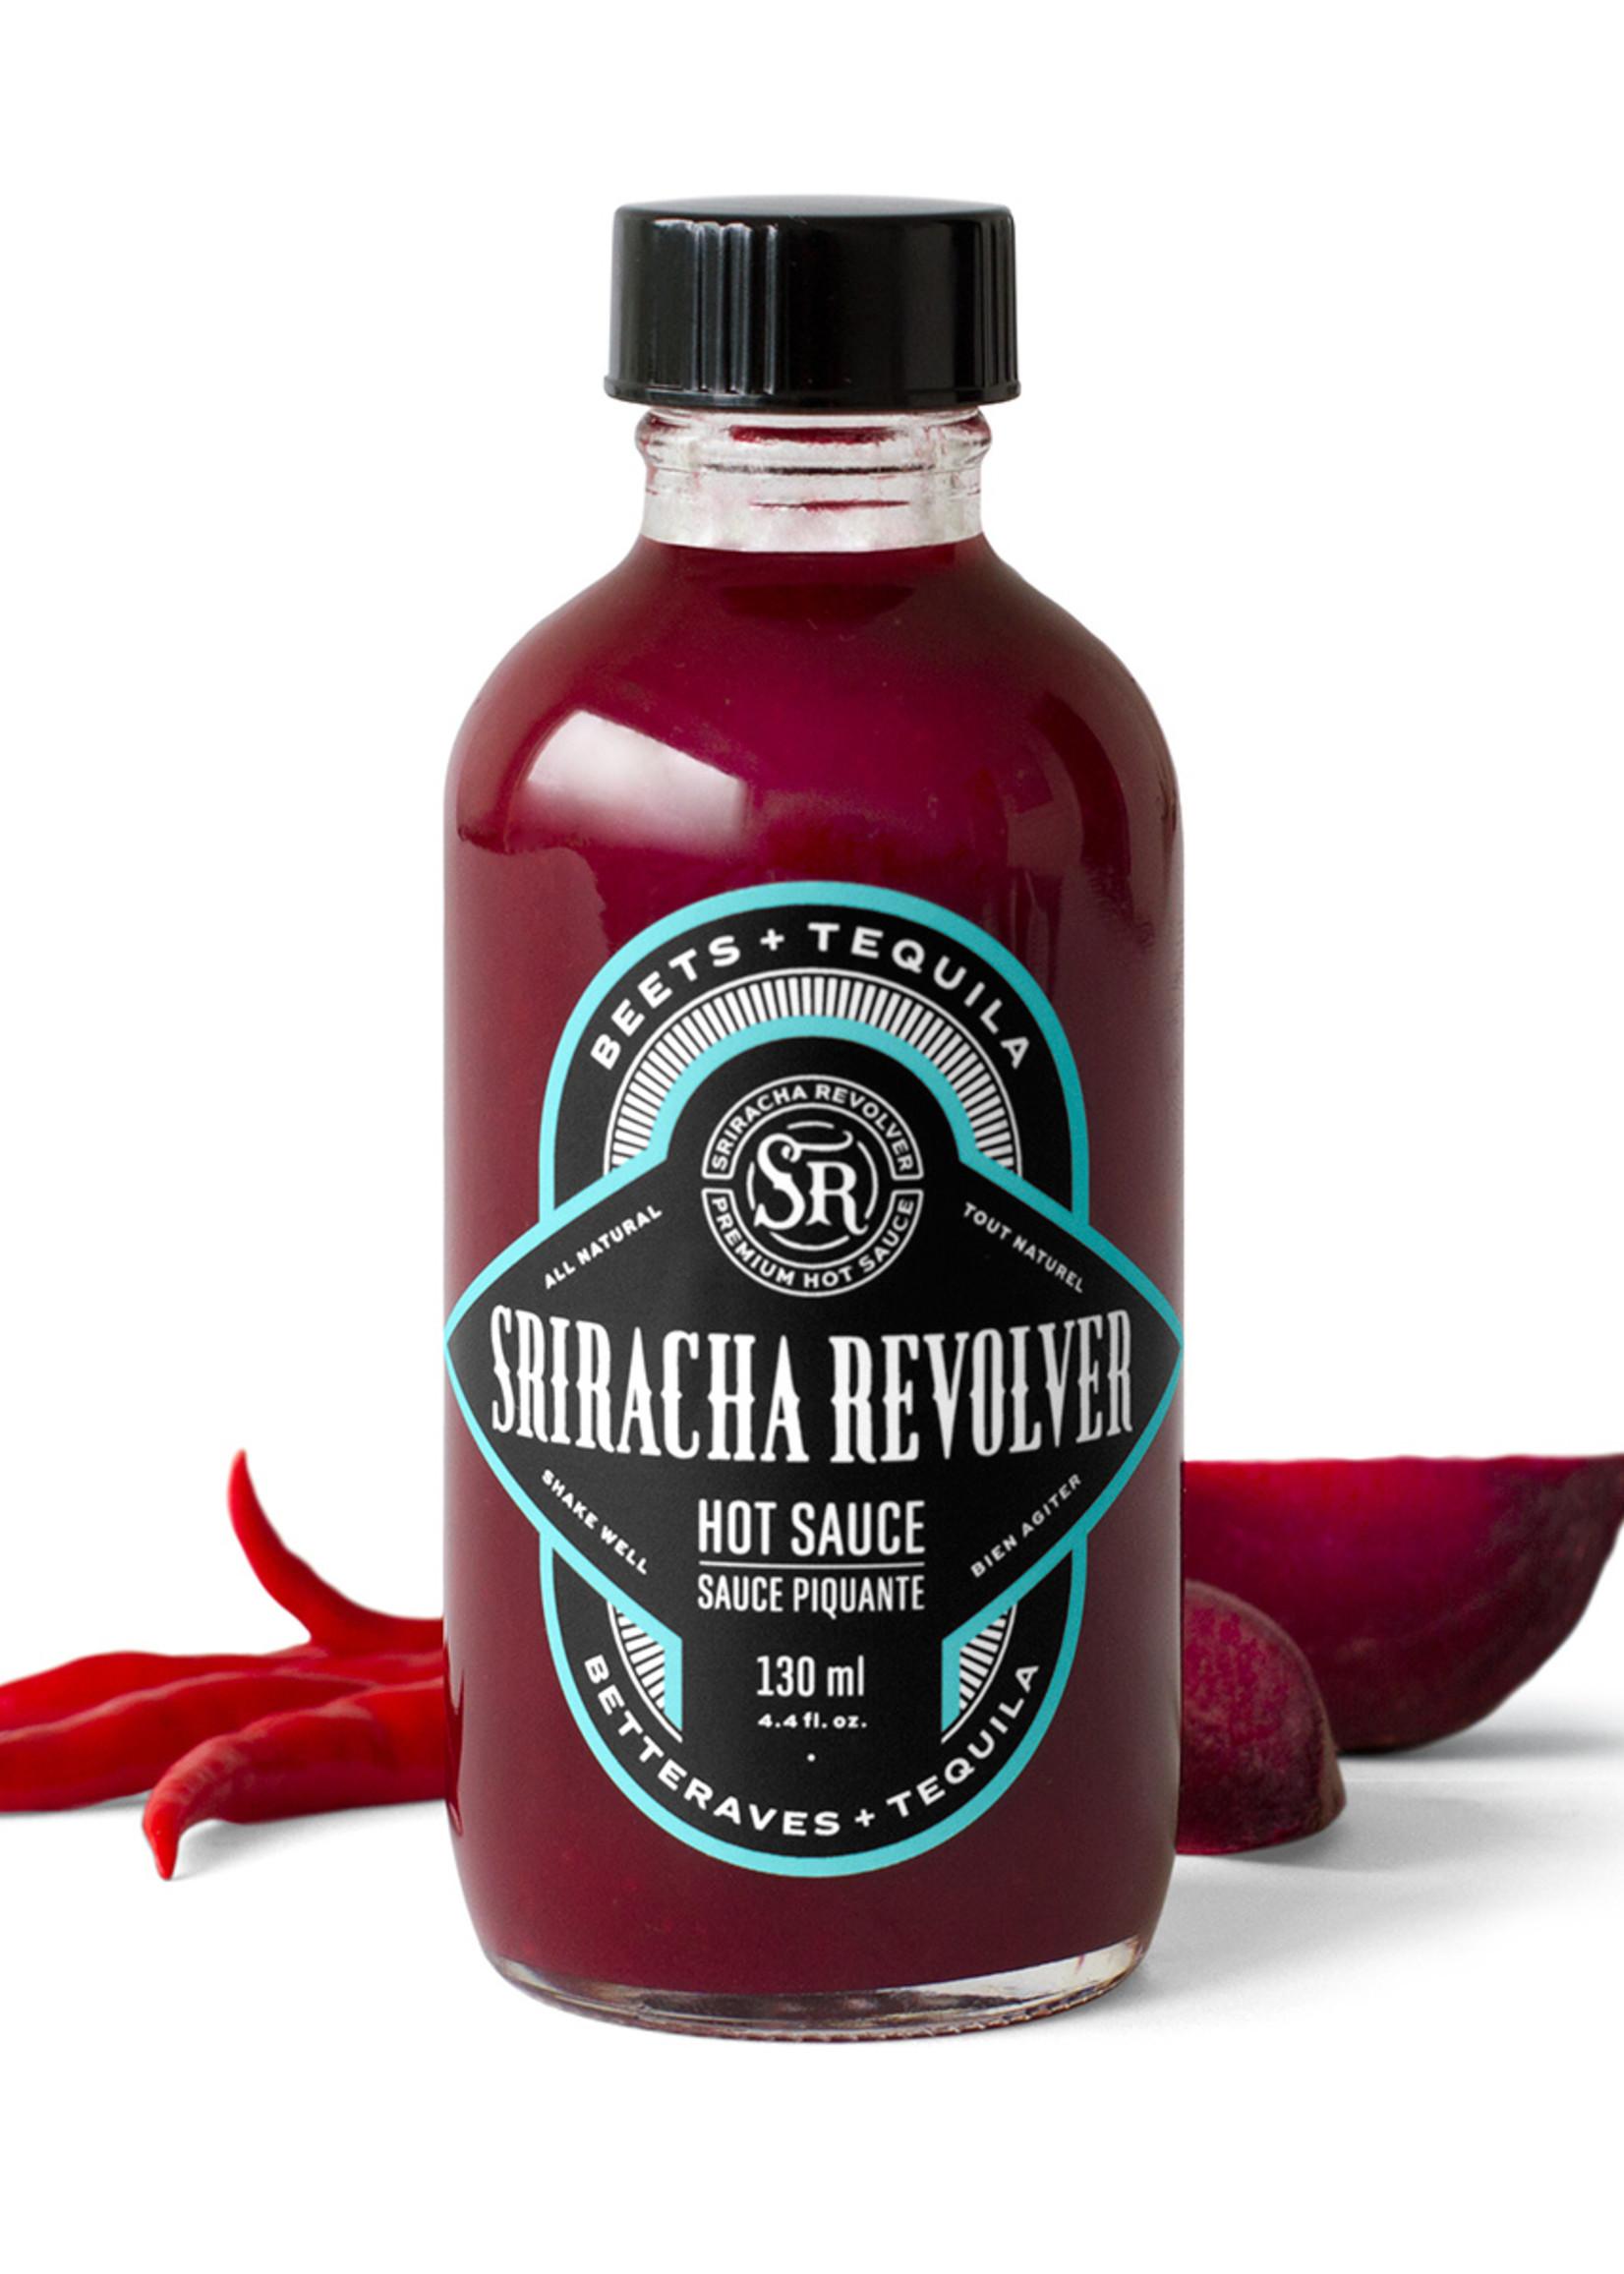 Sriracha Revolver Sriracha Revolver - Beets and Tequila  Sriracha